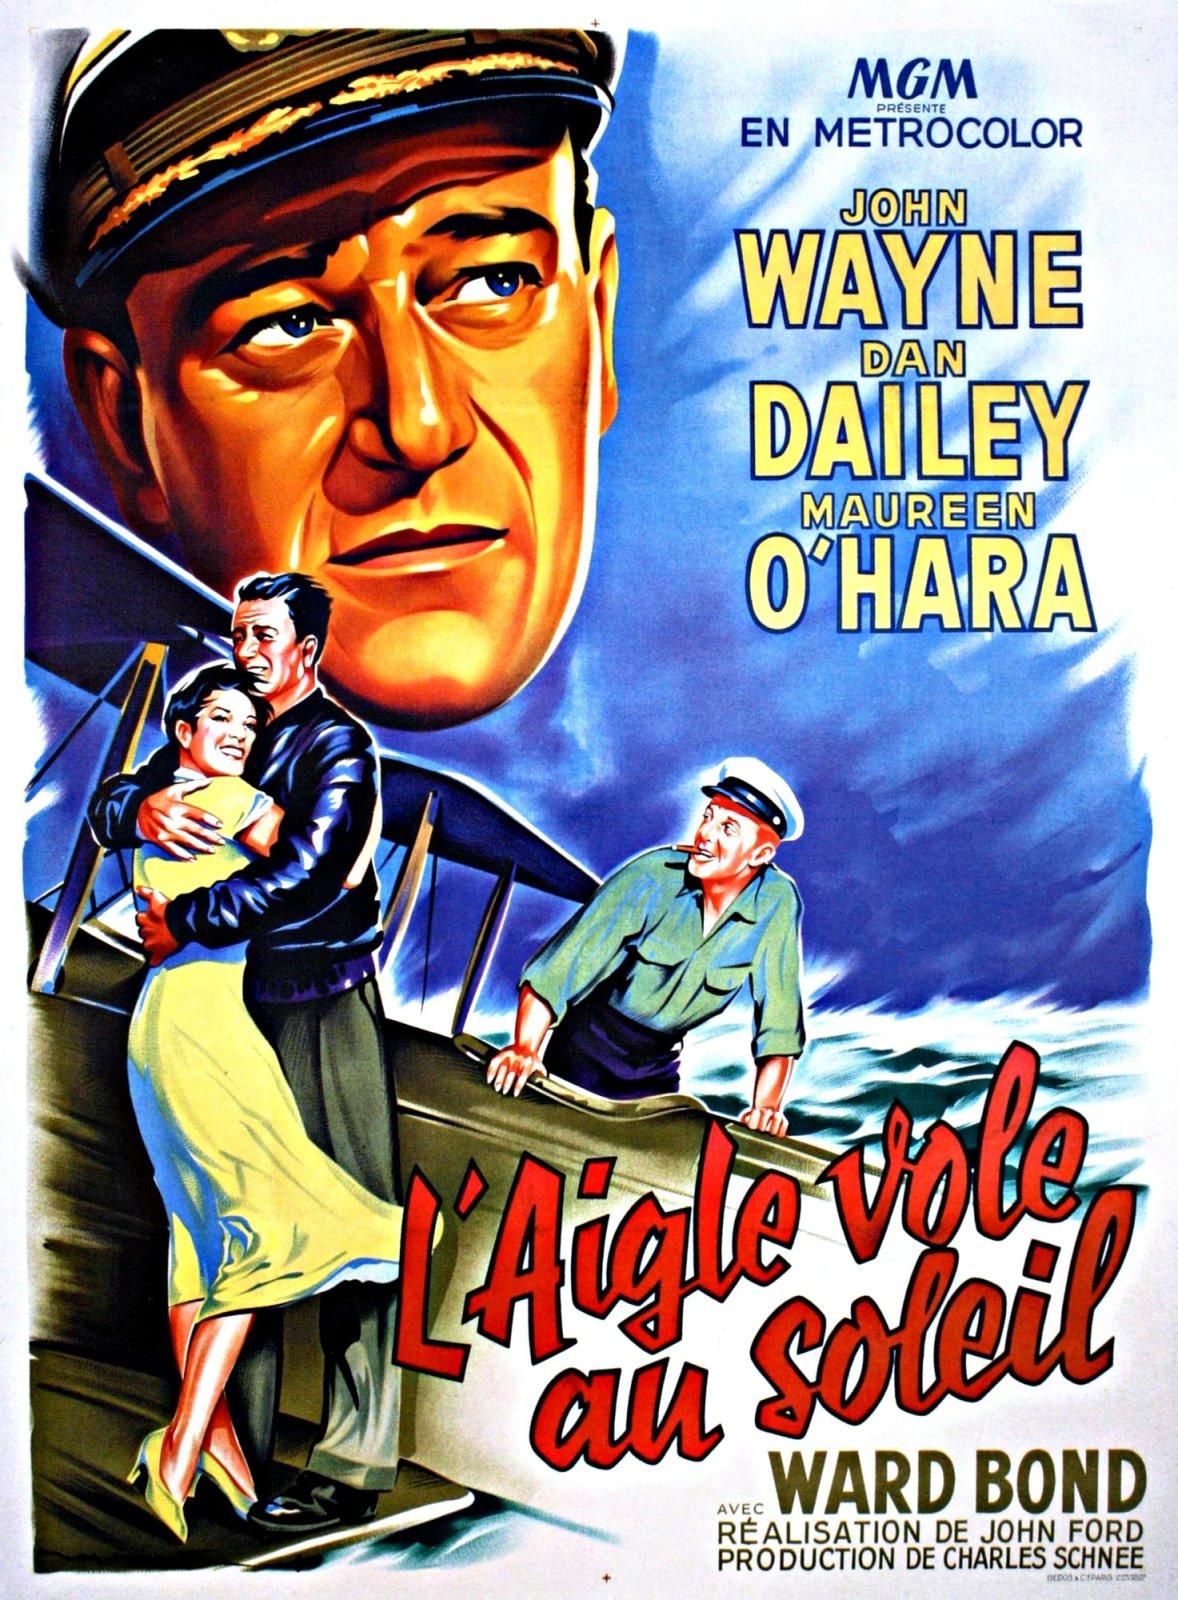 http://images.fan-de-cinema.com/affiches/large/d0/67318.jpg